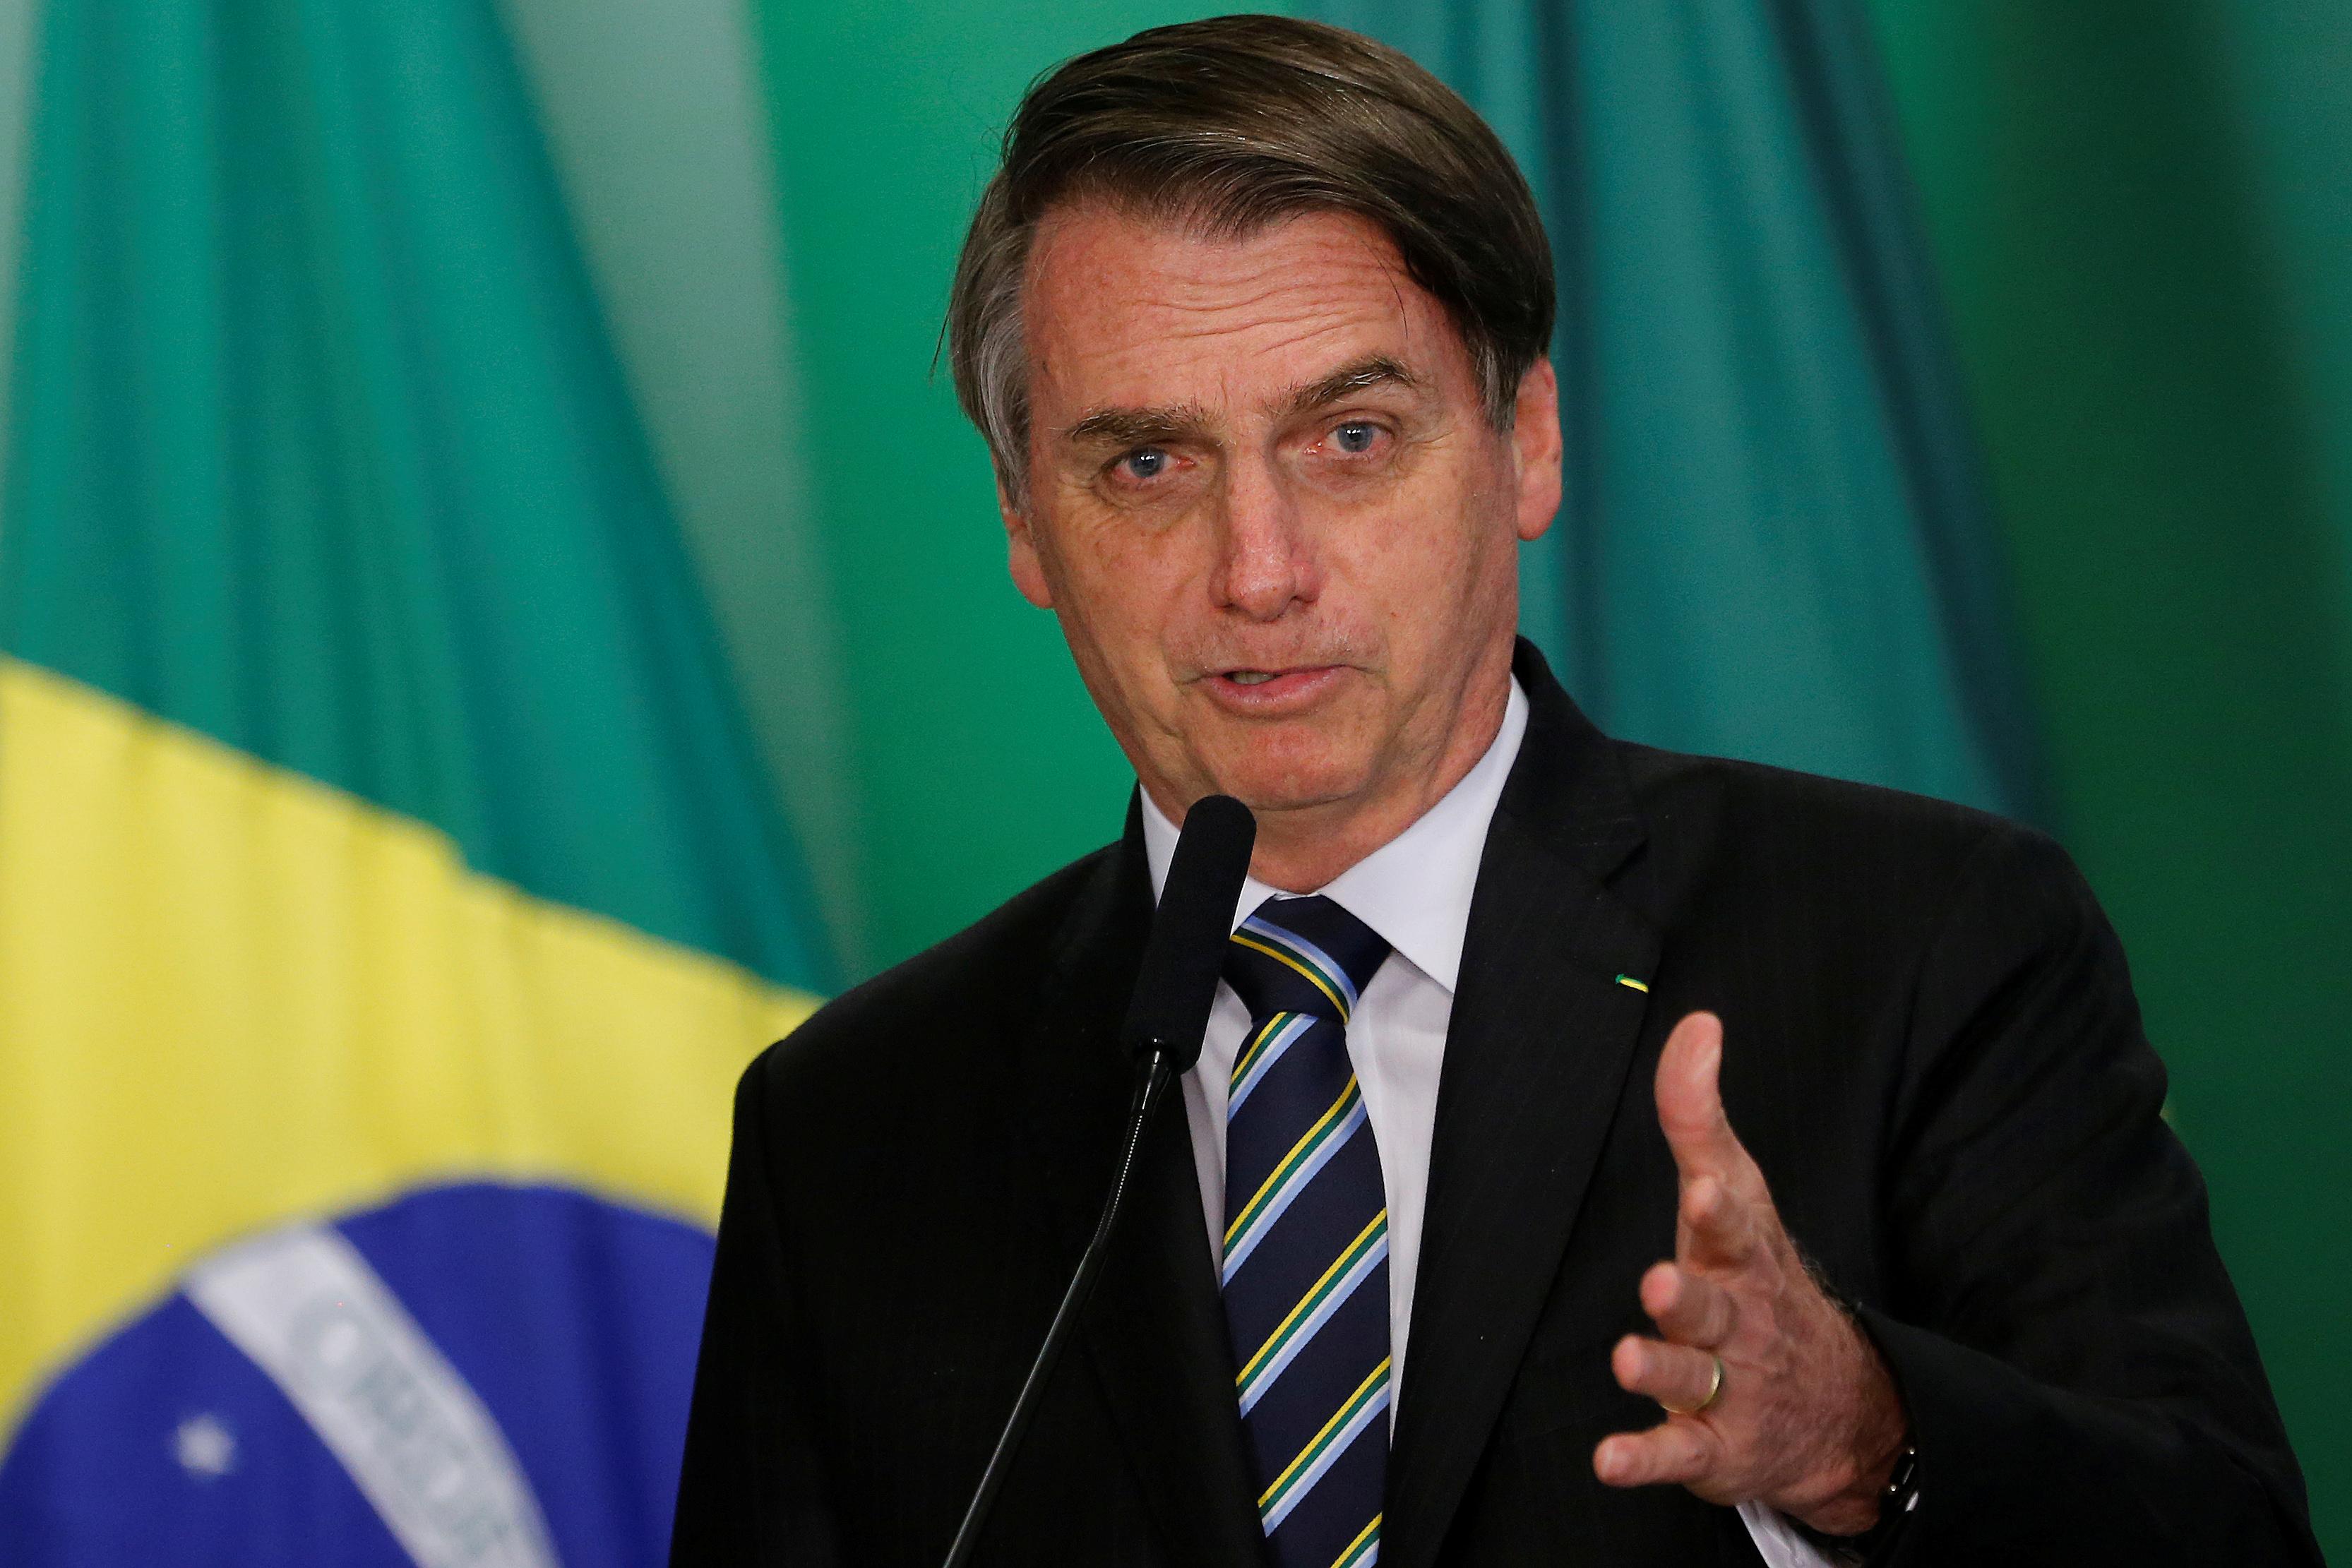 El presidente de Brasil Jair Bolsonaro (REUTERS/Adriano Machado/archivo)